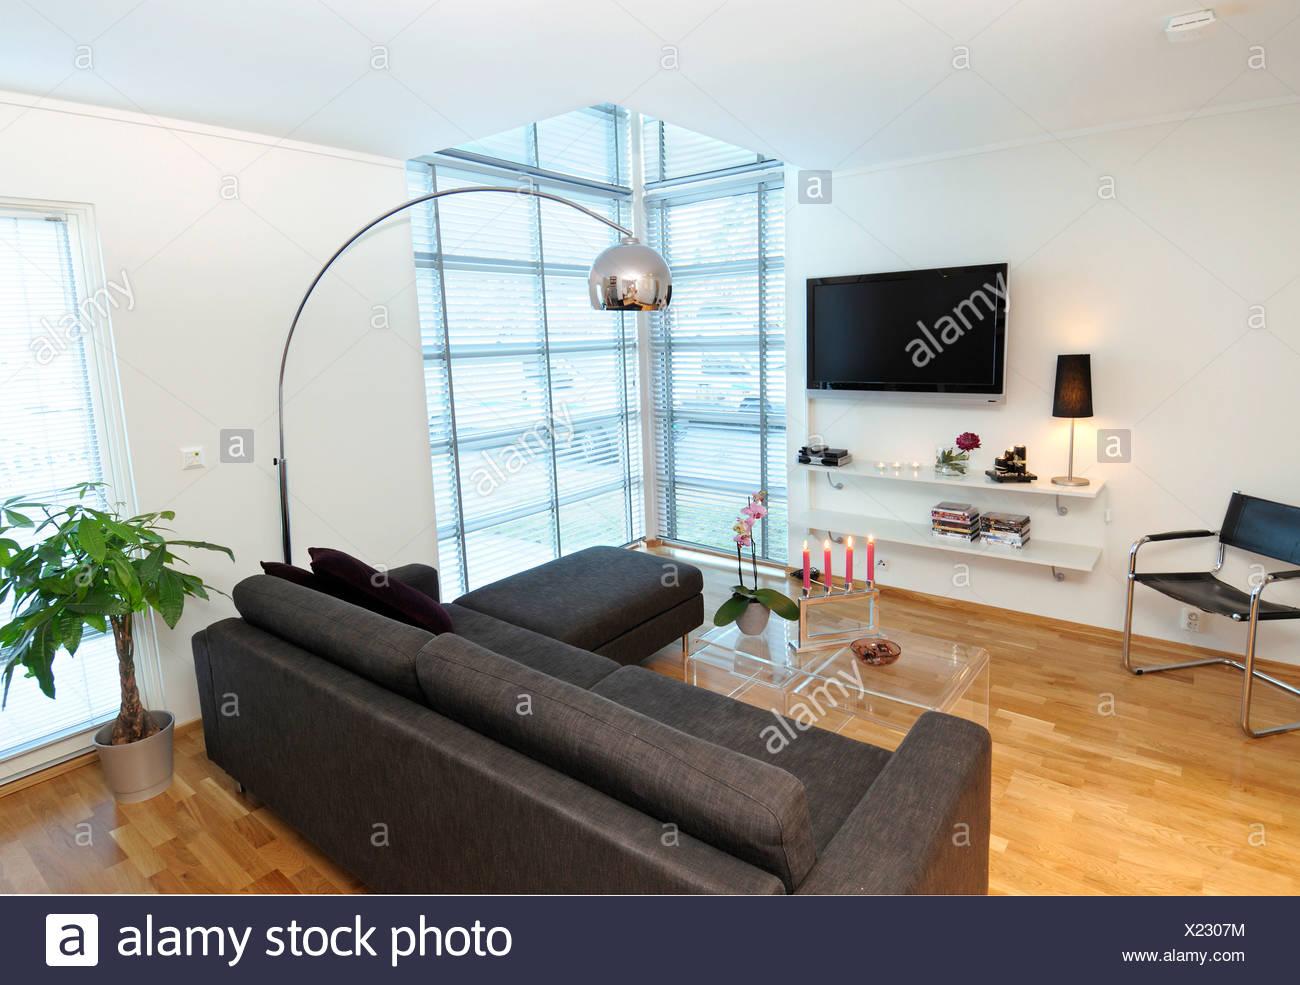 Vista di lampada da terra su nero divano con tv a schermo ...